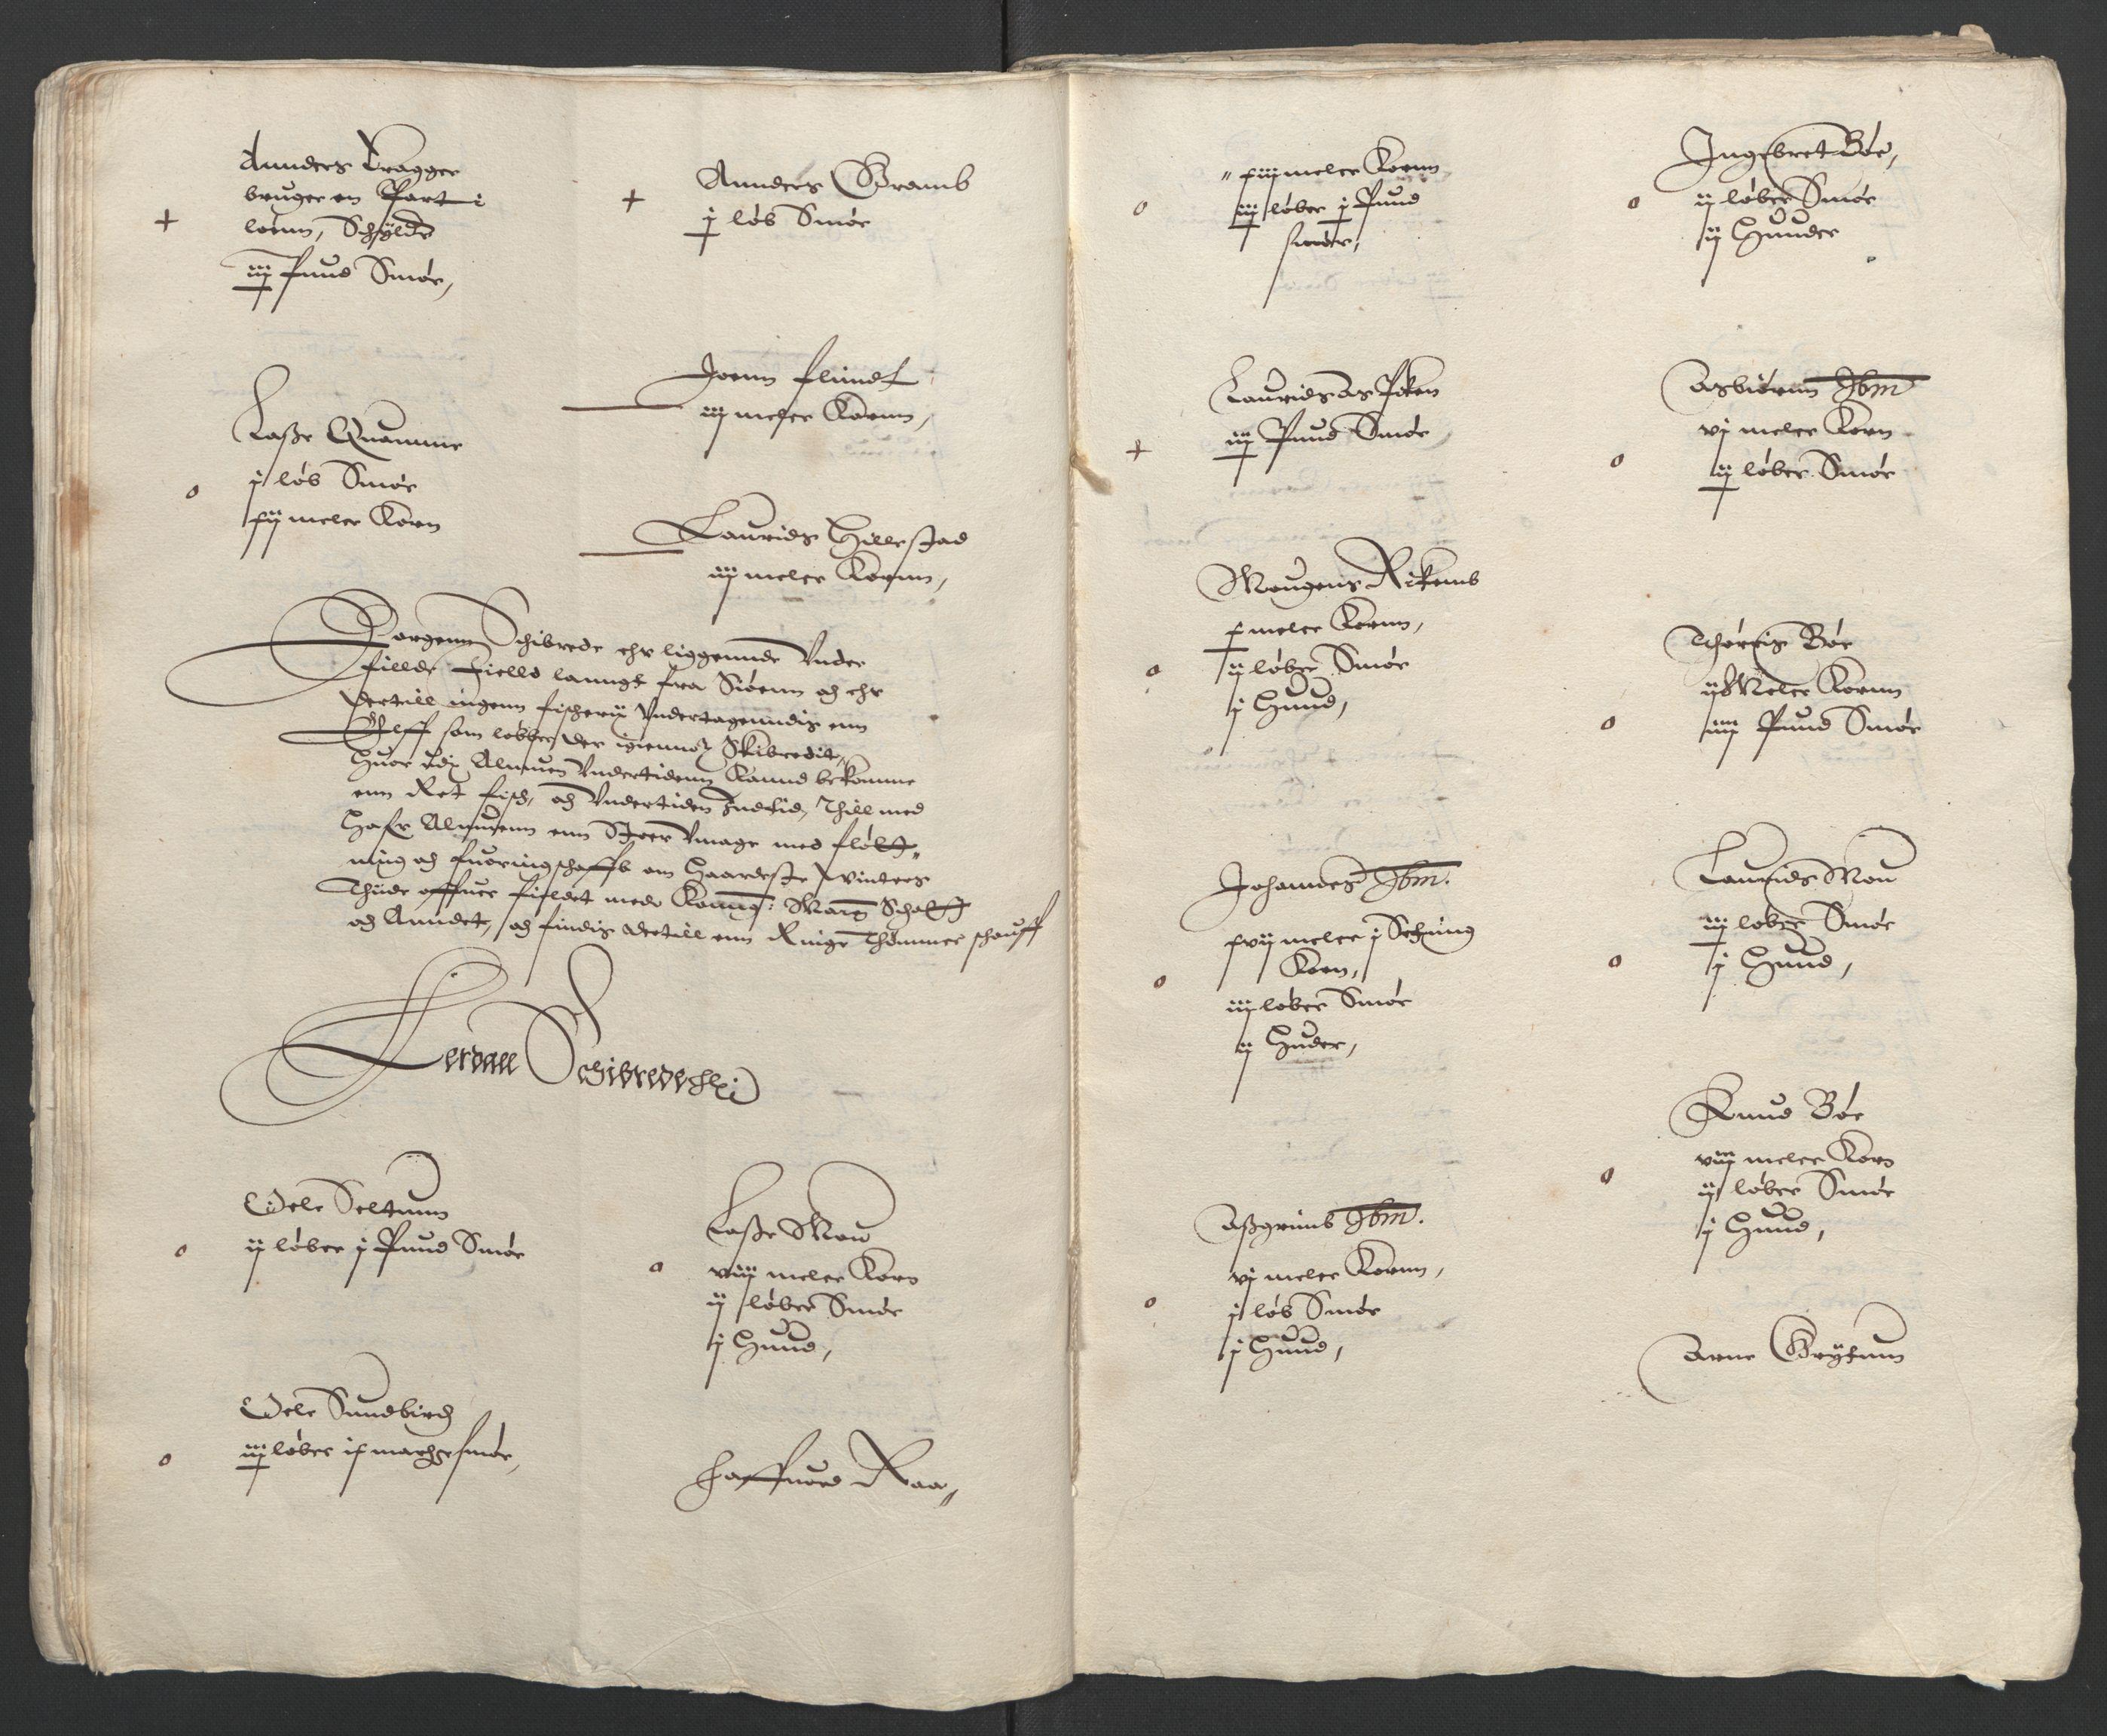 RA, Stattholderembetet 1572-1771, Ek/L0004: Jordebøker til utlikning av garnisonsskatt 1624-1626:, 1626, s. 189